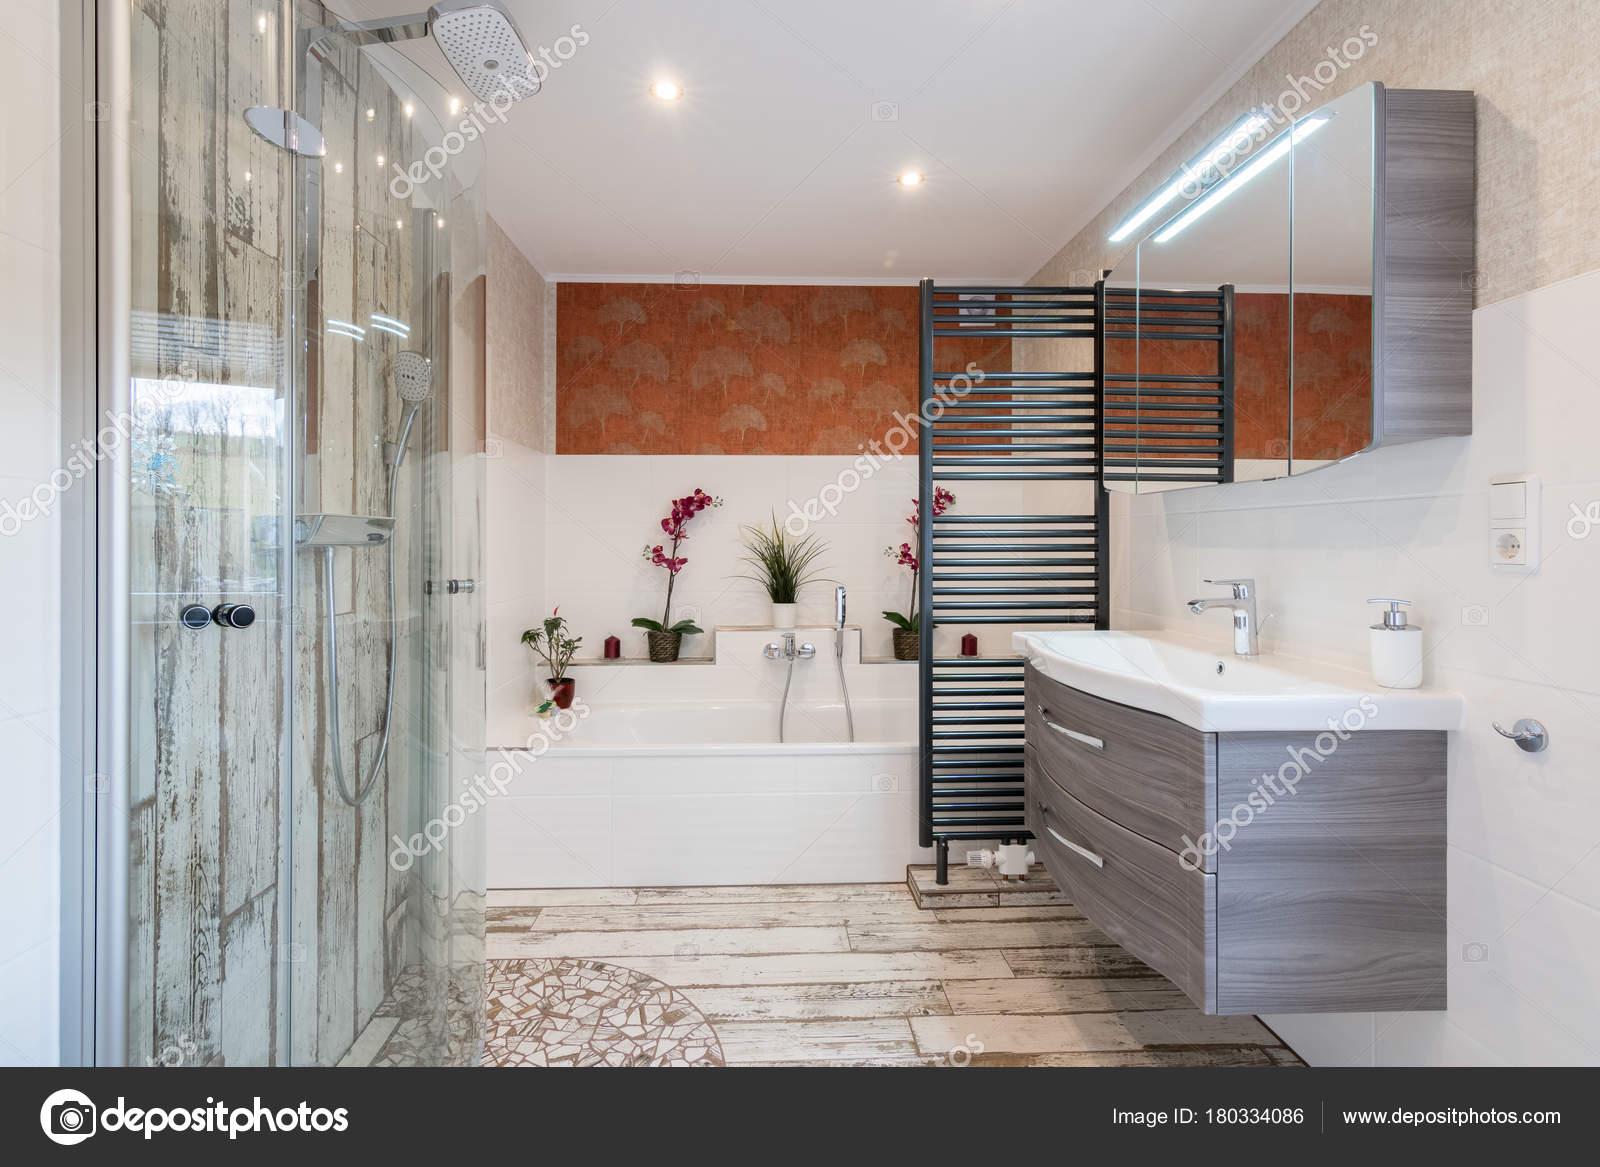 Modernes Bad Im Vintage Stil Mit Waschbecken, Badewanne, Dusche Aus Glas  Und Schwarzem